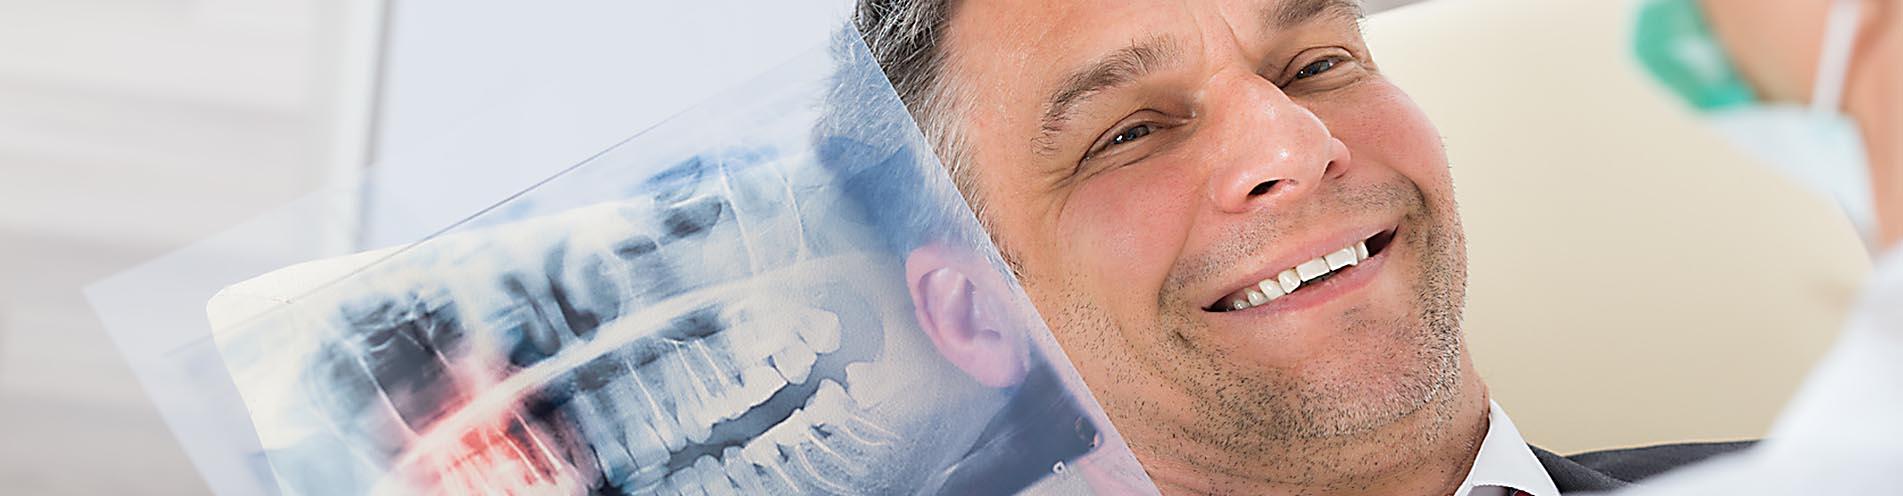 Wenn es um Ihre Zähne geht, vertrauen Sie unserem professionellen Team in der Zahnarzt Praxis in Hofgeismar für den Raum Kassel bis Göttingen. Wir sind spezialisiert auf Zahnimplantate, Prohylaxe, Veneers und Narkose.